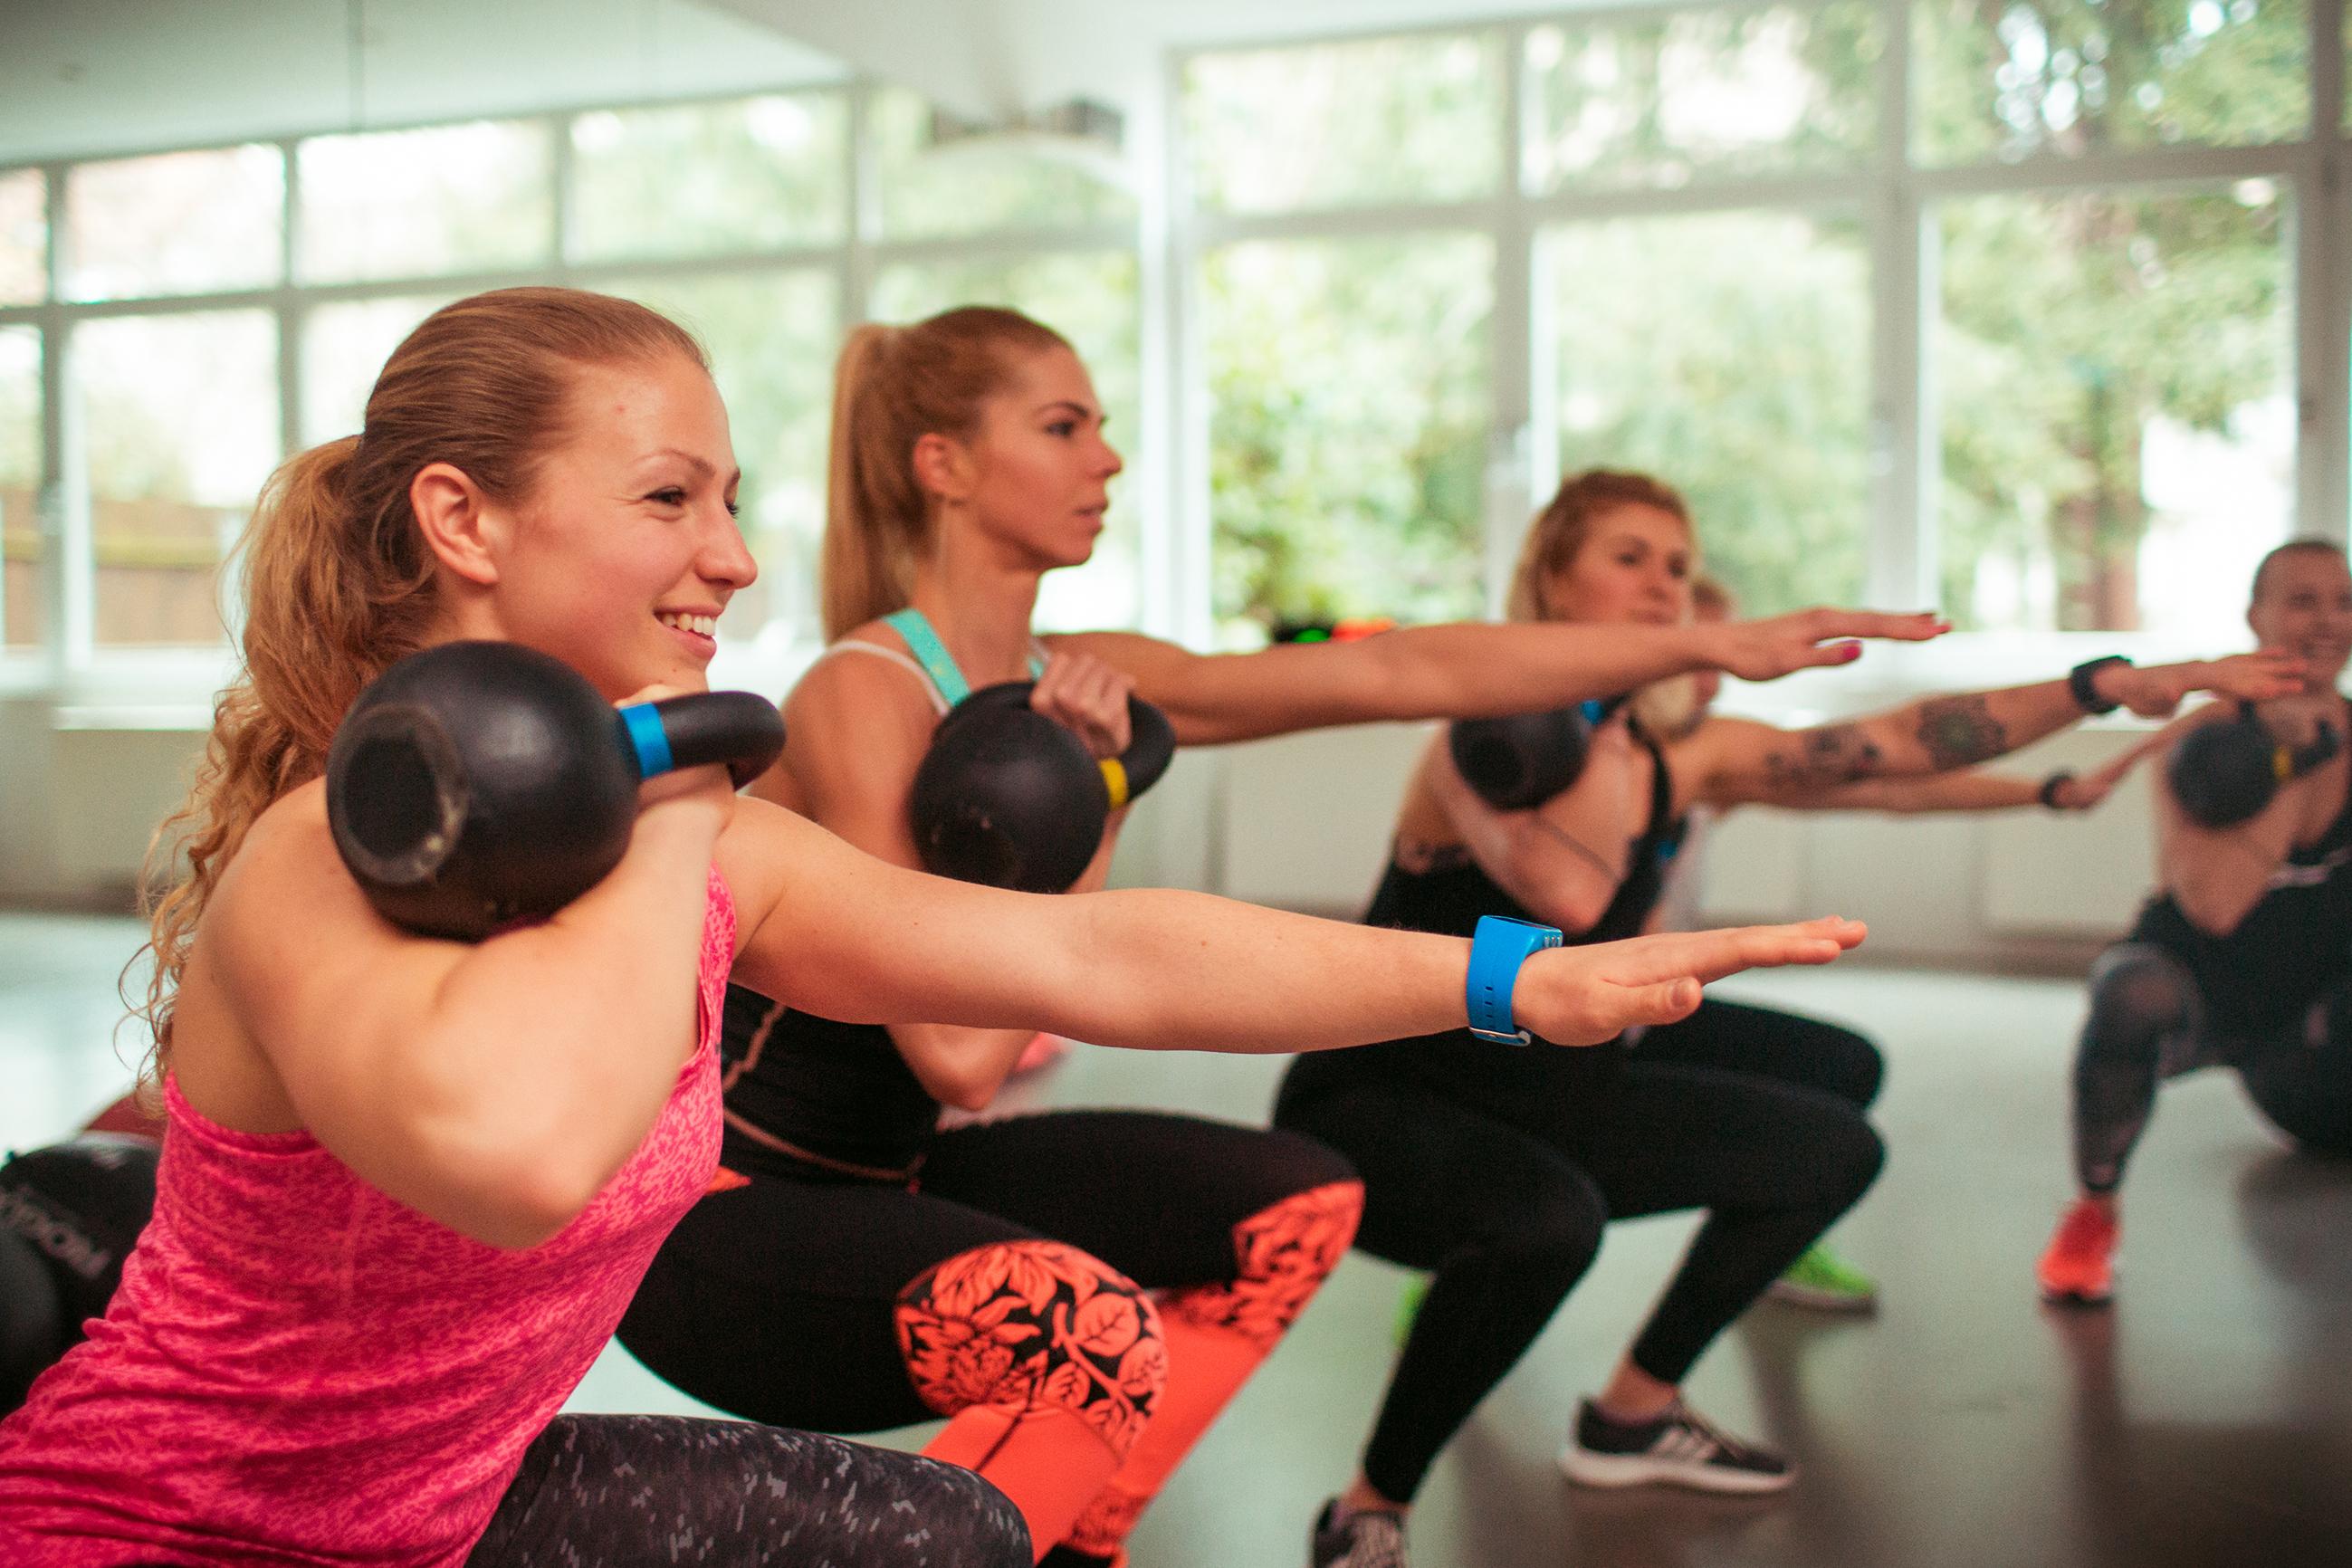 Fitnessstudio für frauen